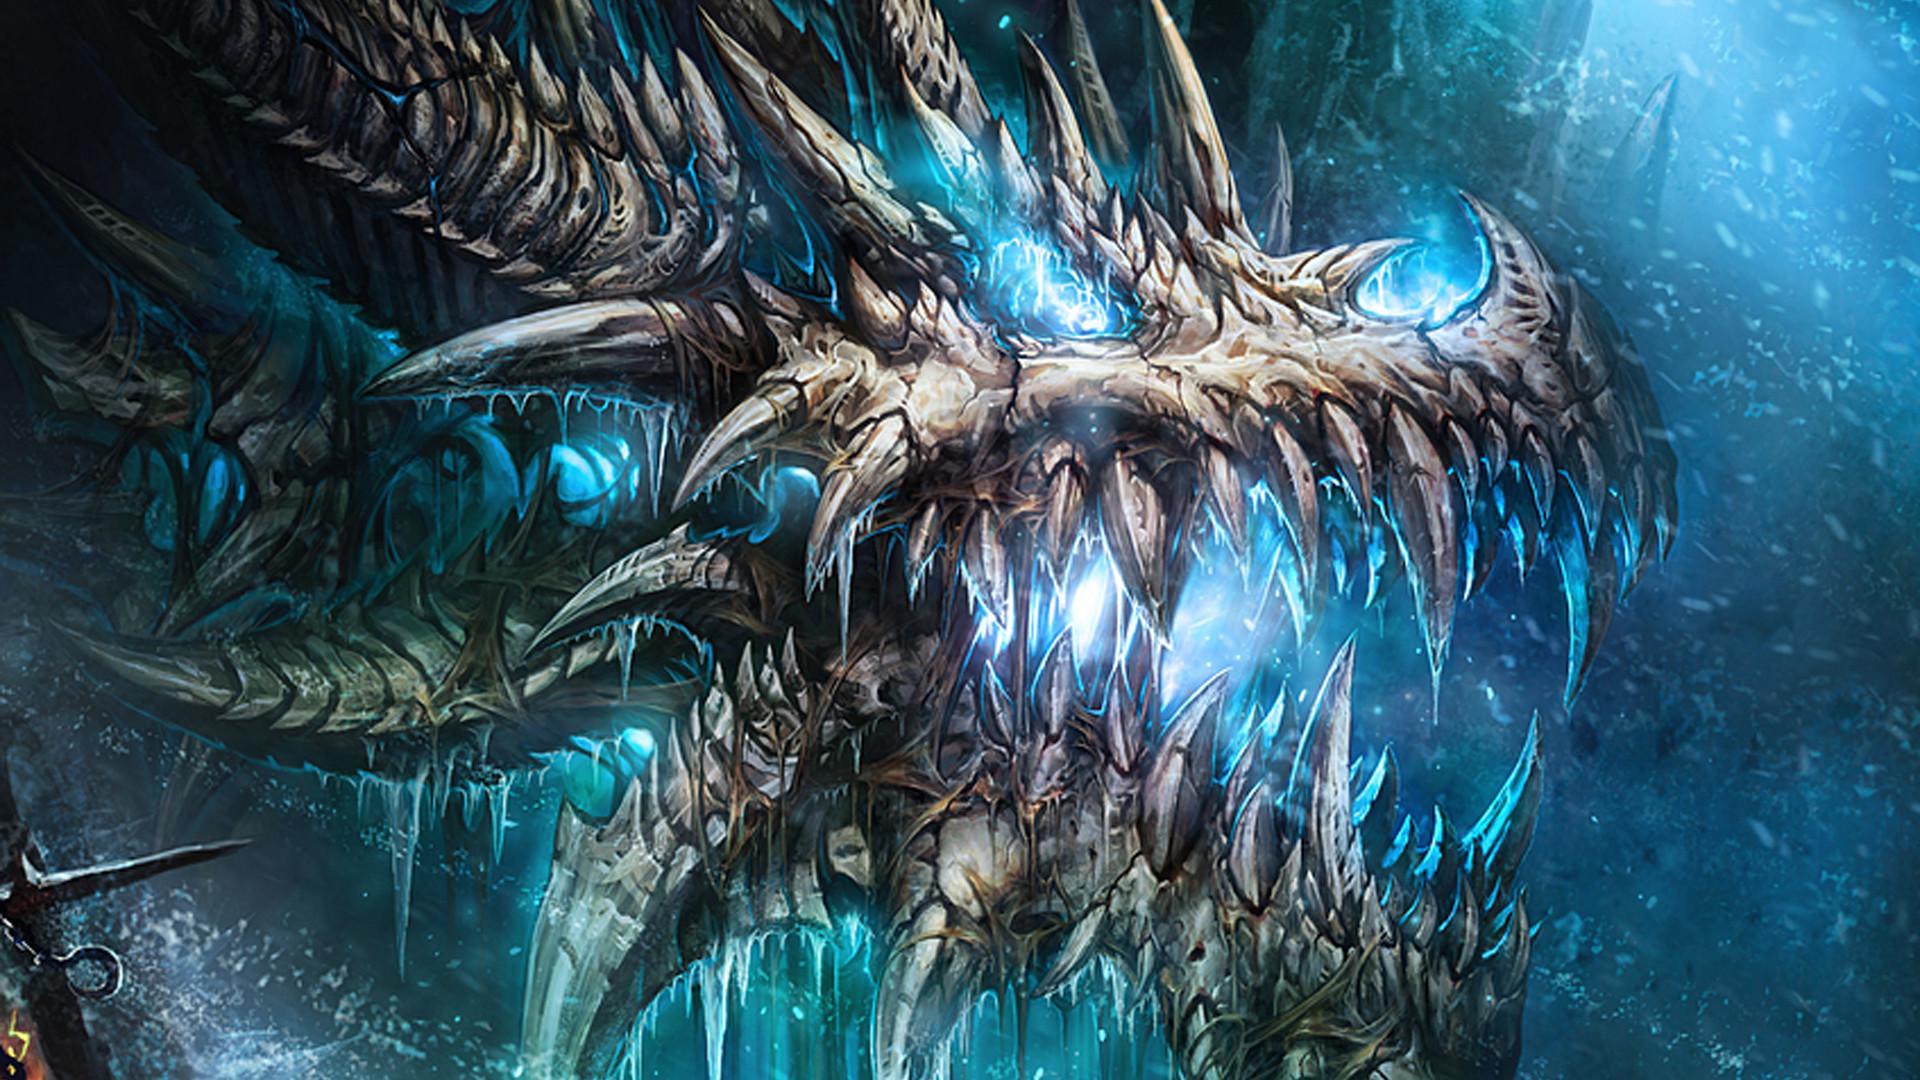 WoW Dragon Wallpaper 3 by slimebuck WoW Dragon Wallpaper 3 by slimebuck